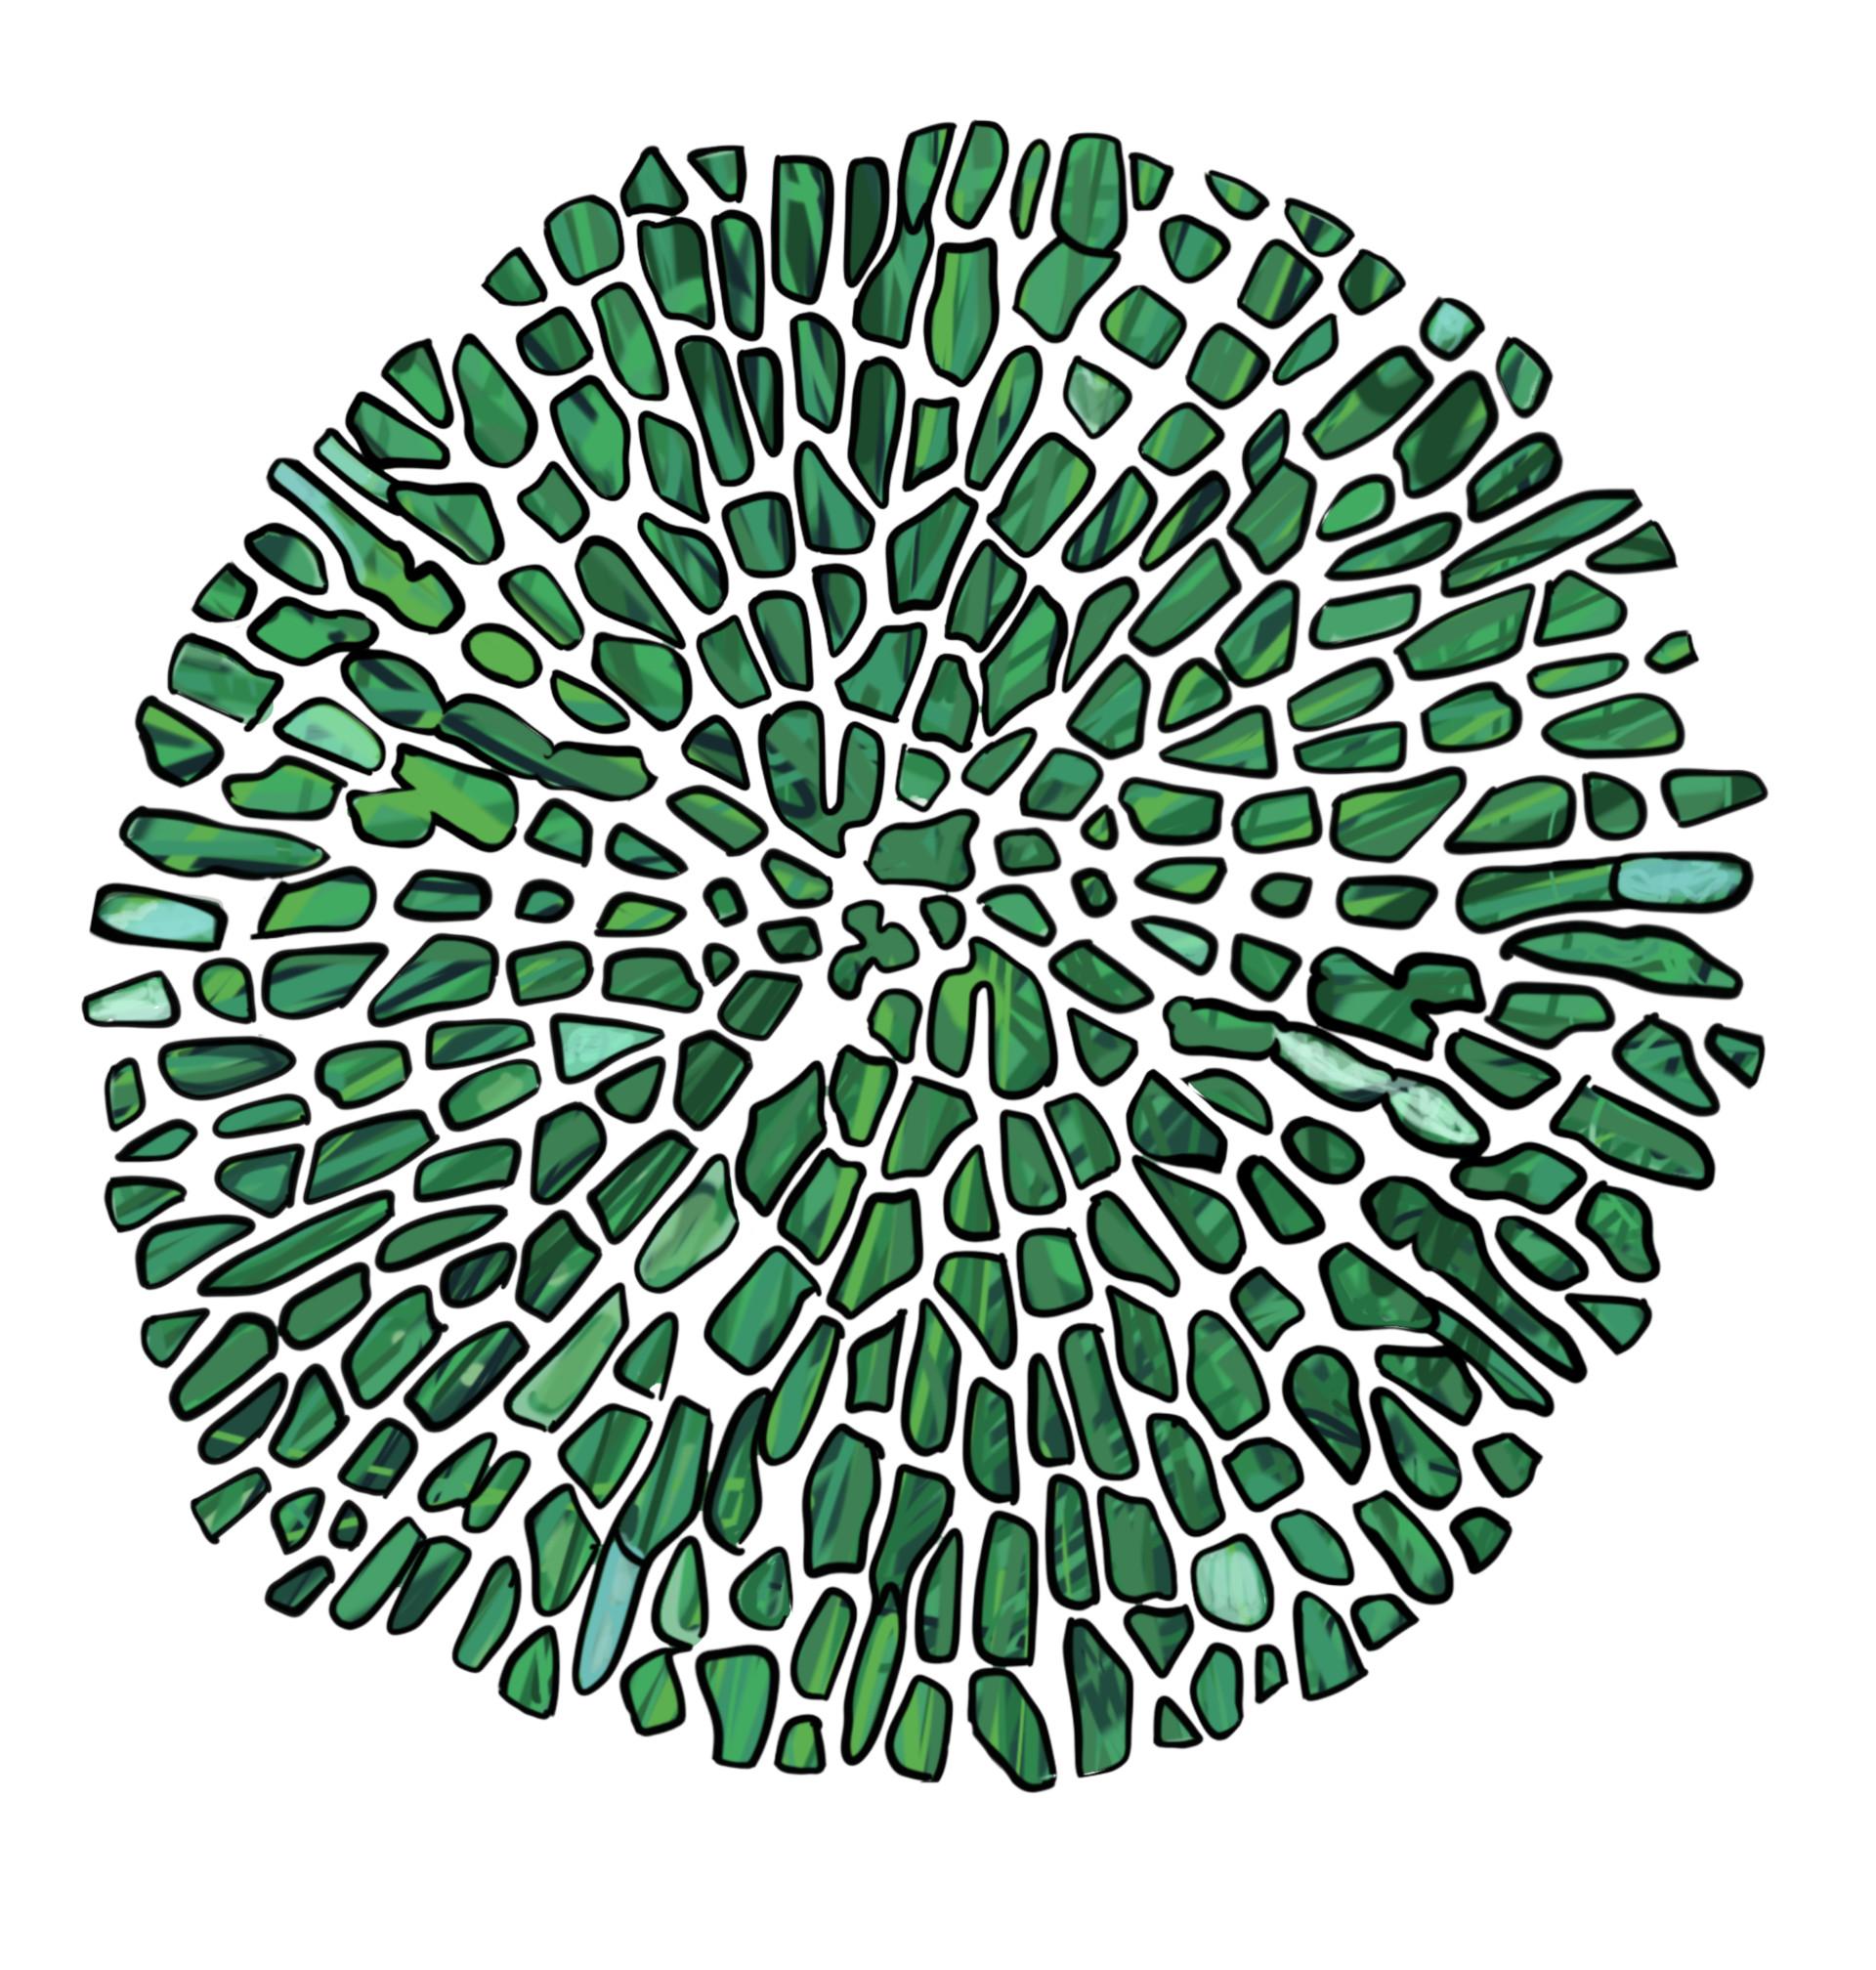 Caroline fangel 1705 avanceret alge 1707